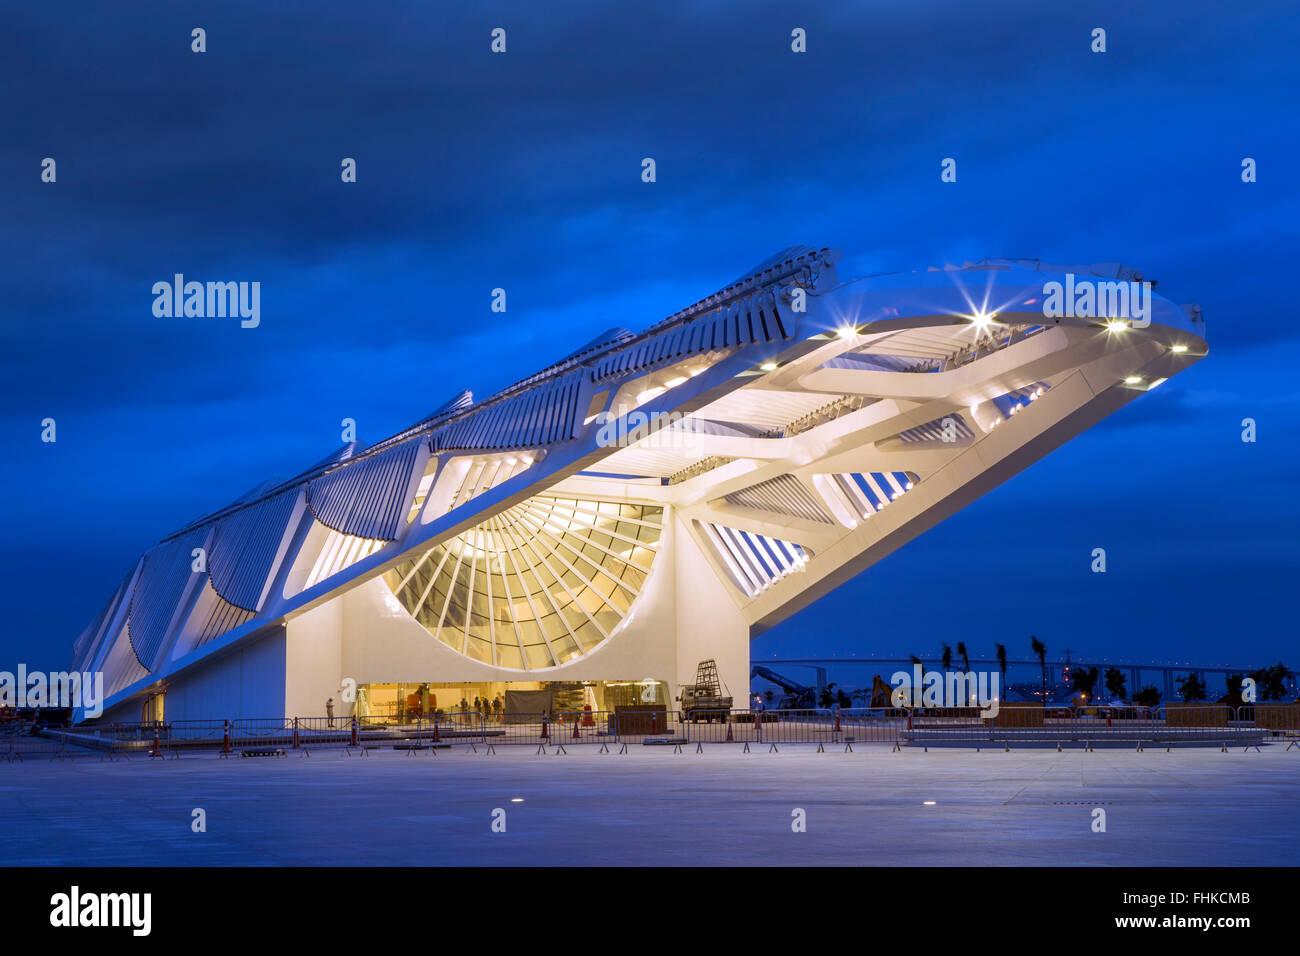 Brasil, Rio de Janeiro, Museo de mañana de Santiago Calatrava inaugurado en 2016. Imagen De Stock